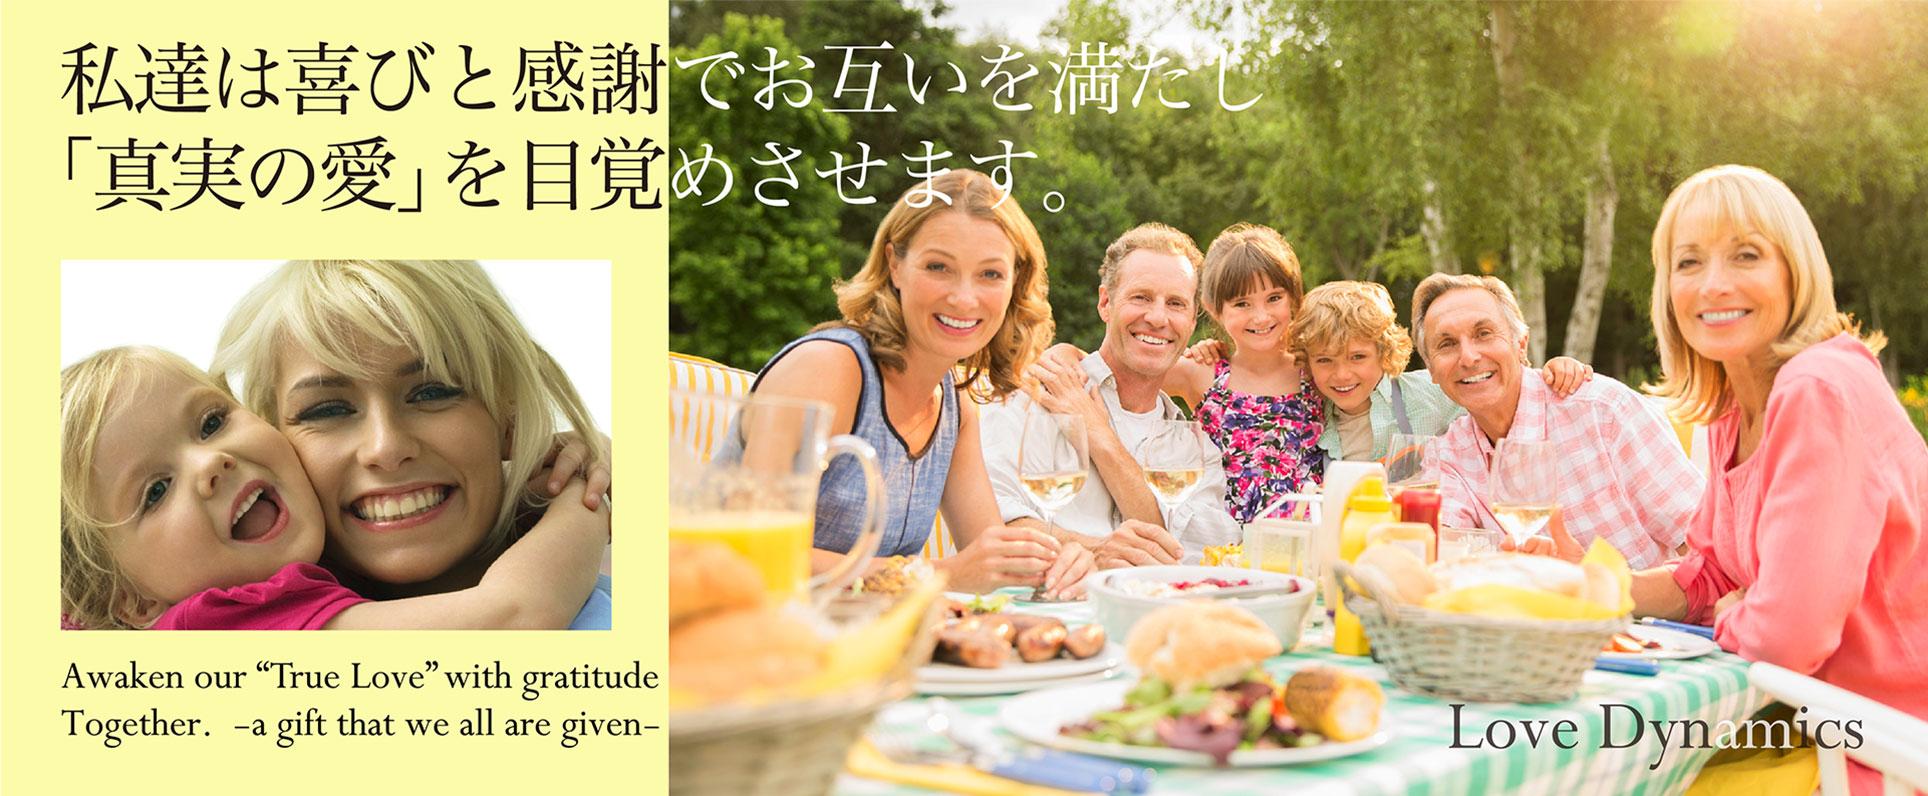 Vidya Yuka Maria[ゔぃでぁ ゆか まりあ]公式ウェブサイト